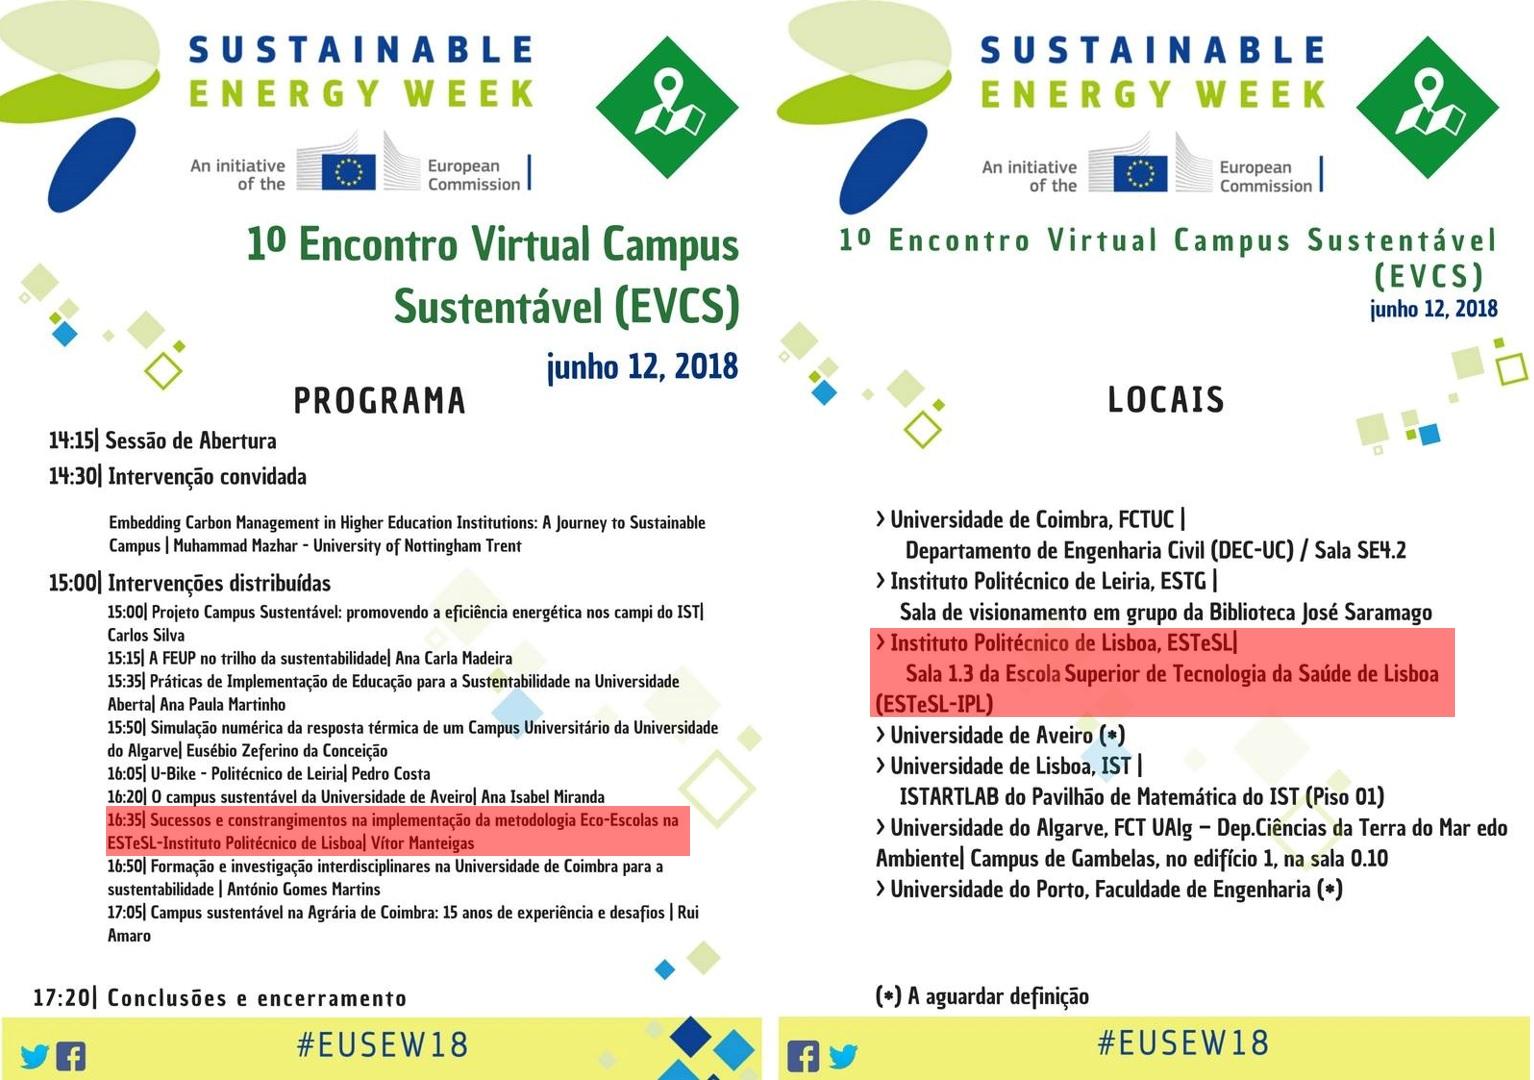 Encontro Virtual Campus Sustentável (EVCS) na ESTeSL